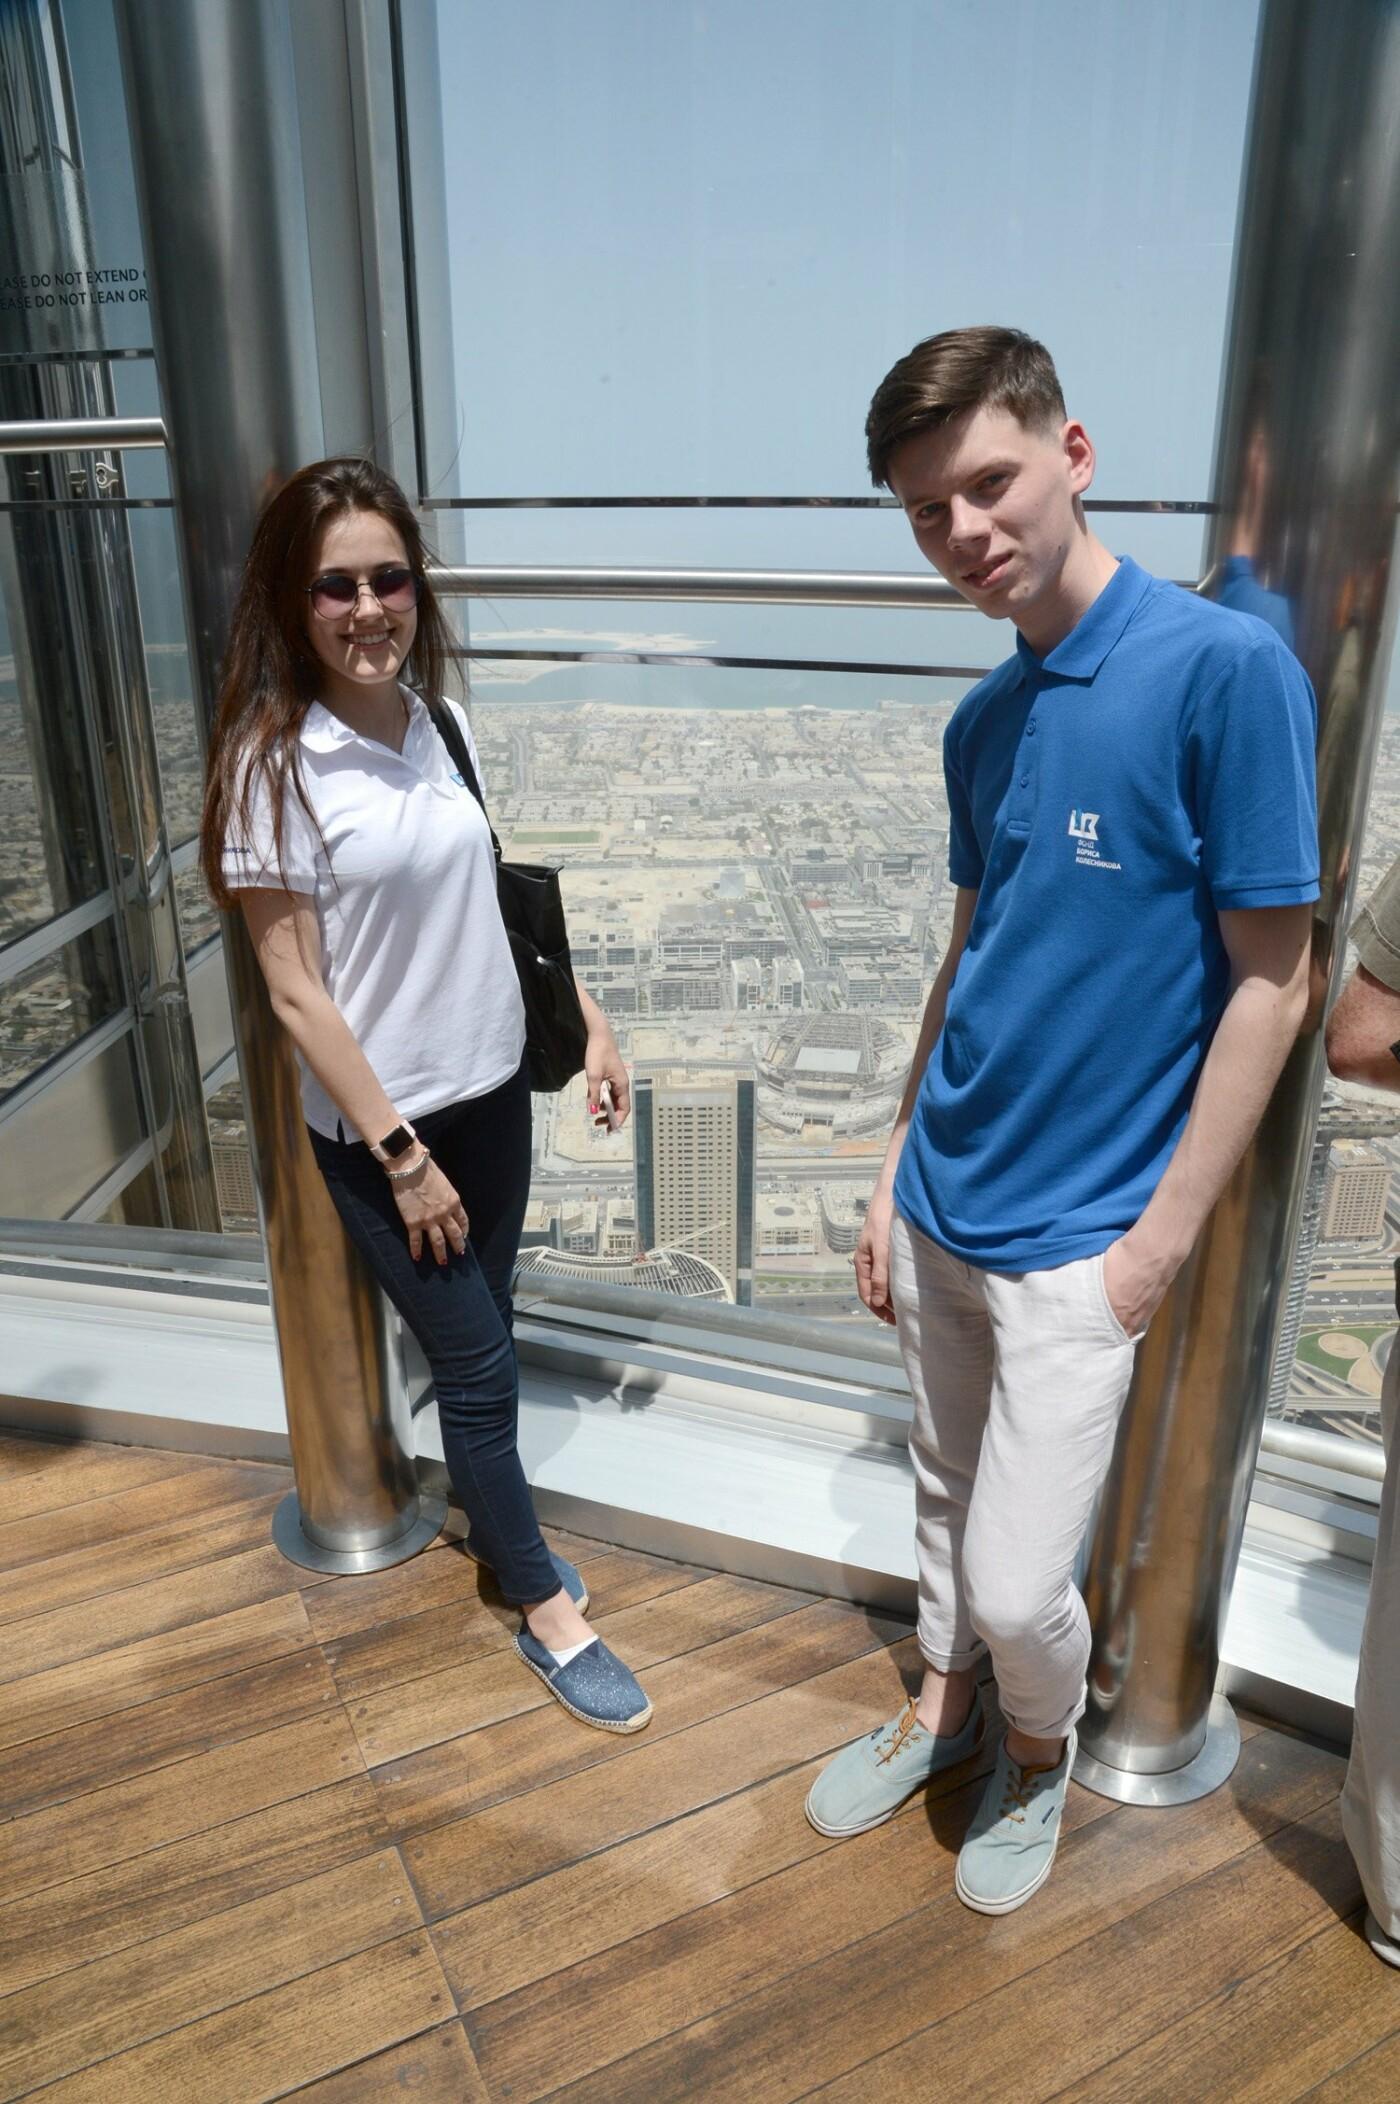 Студенты Донецкой области отправились изучать архитектуру в Дубай, фото-3